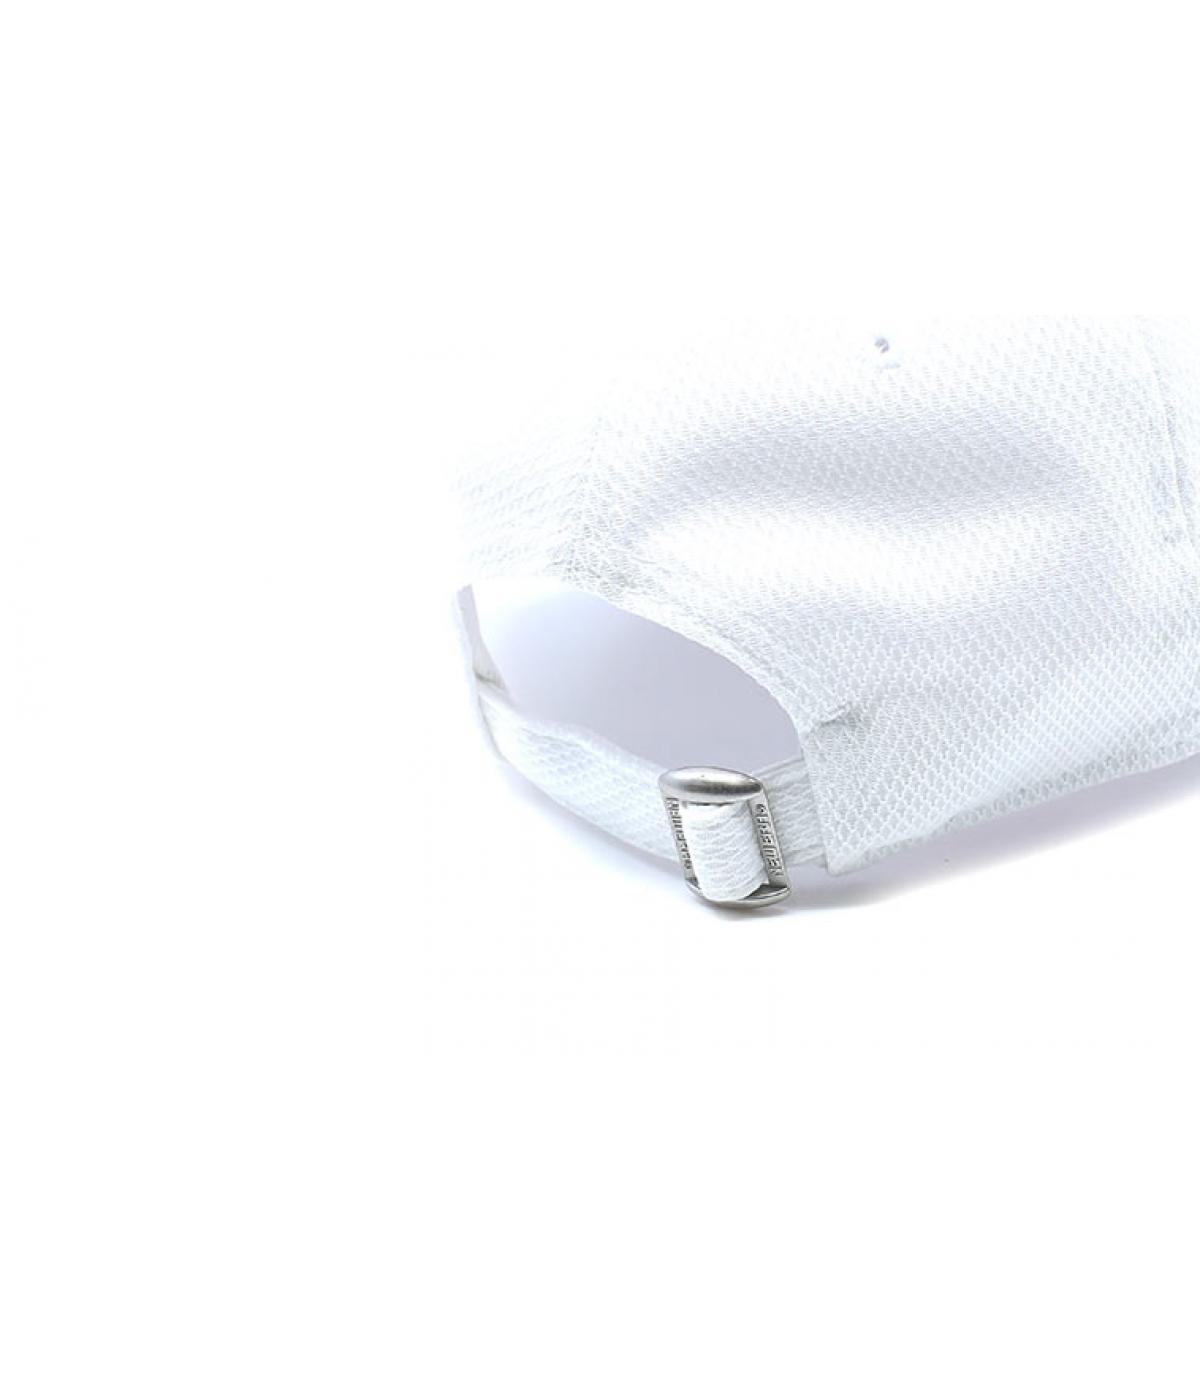 Détails Wmns Diamond Era LA 9Forty white navy - image 5